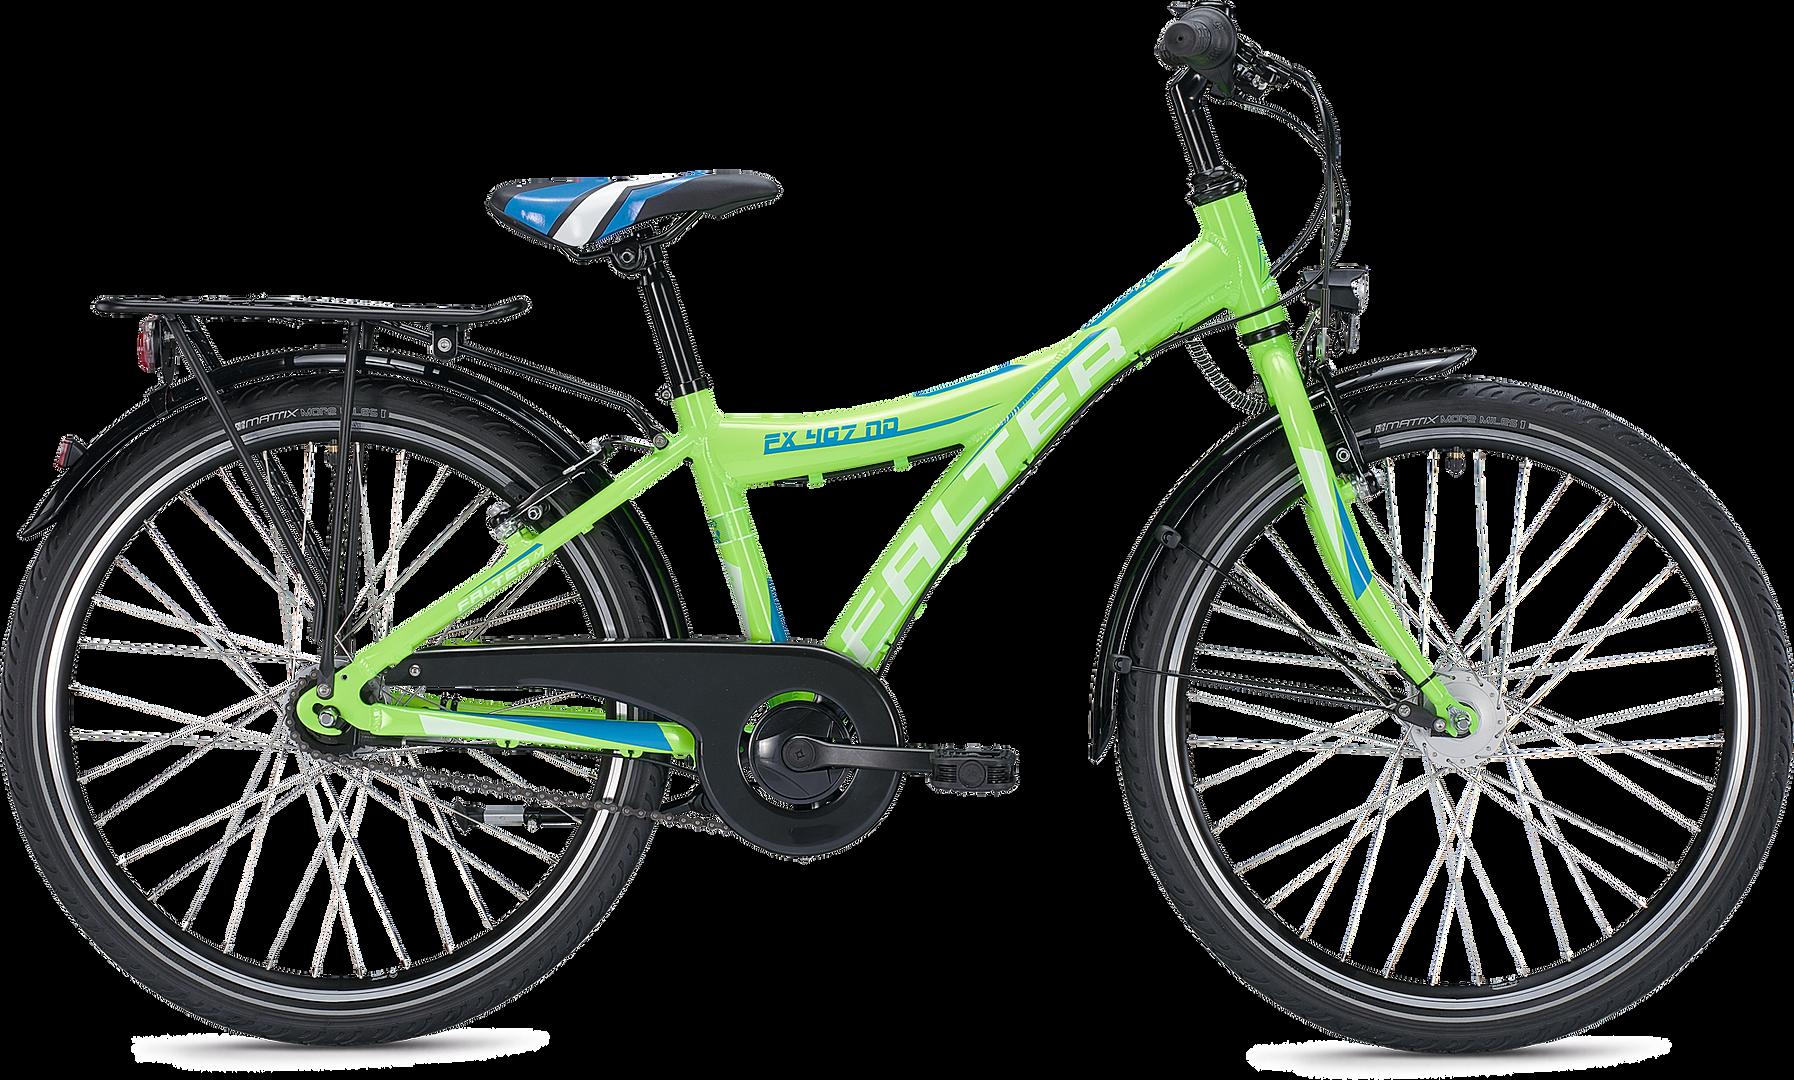 FALTER FX 407 ND Y-Rahmen grün/blau